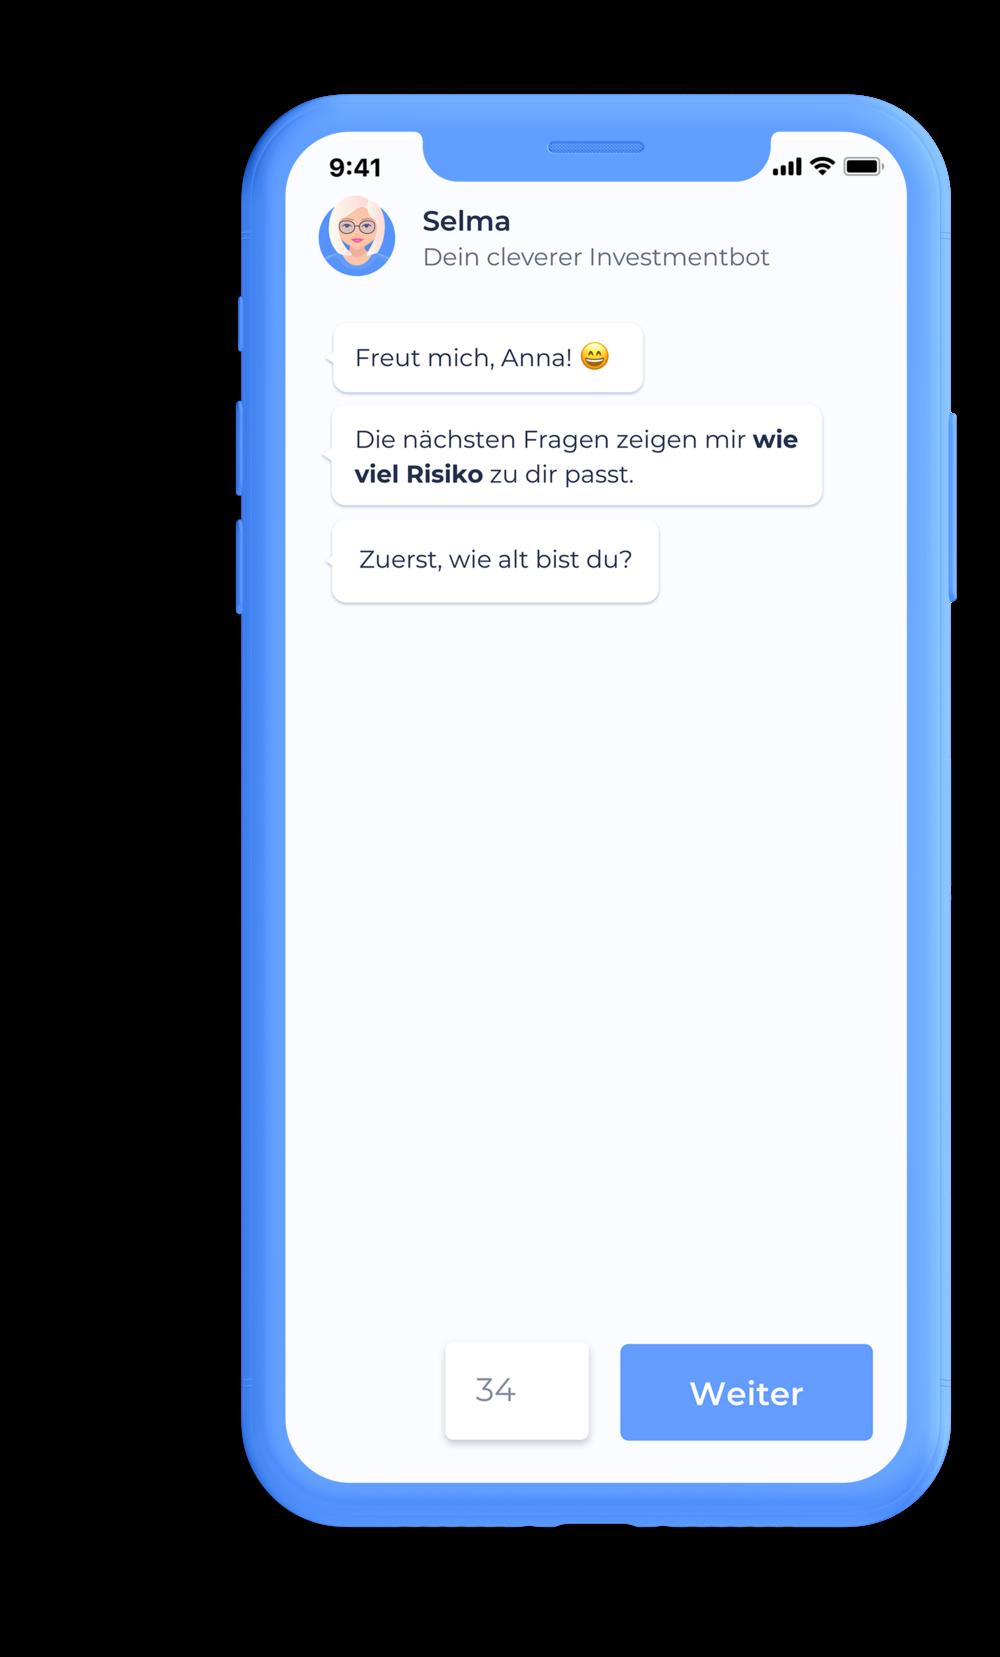 (DE) Clay-iPhoneX chat.png